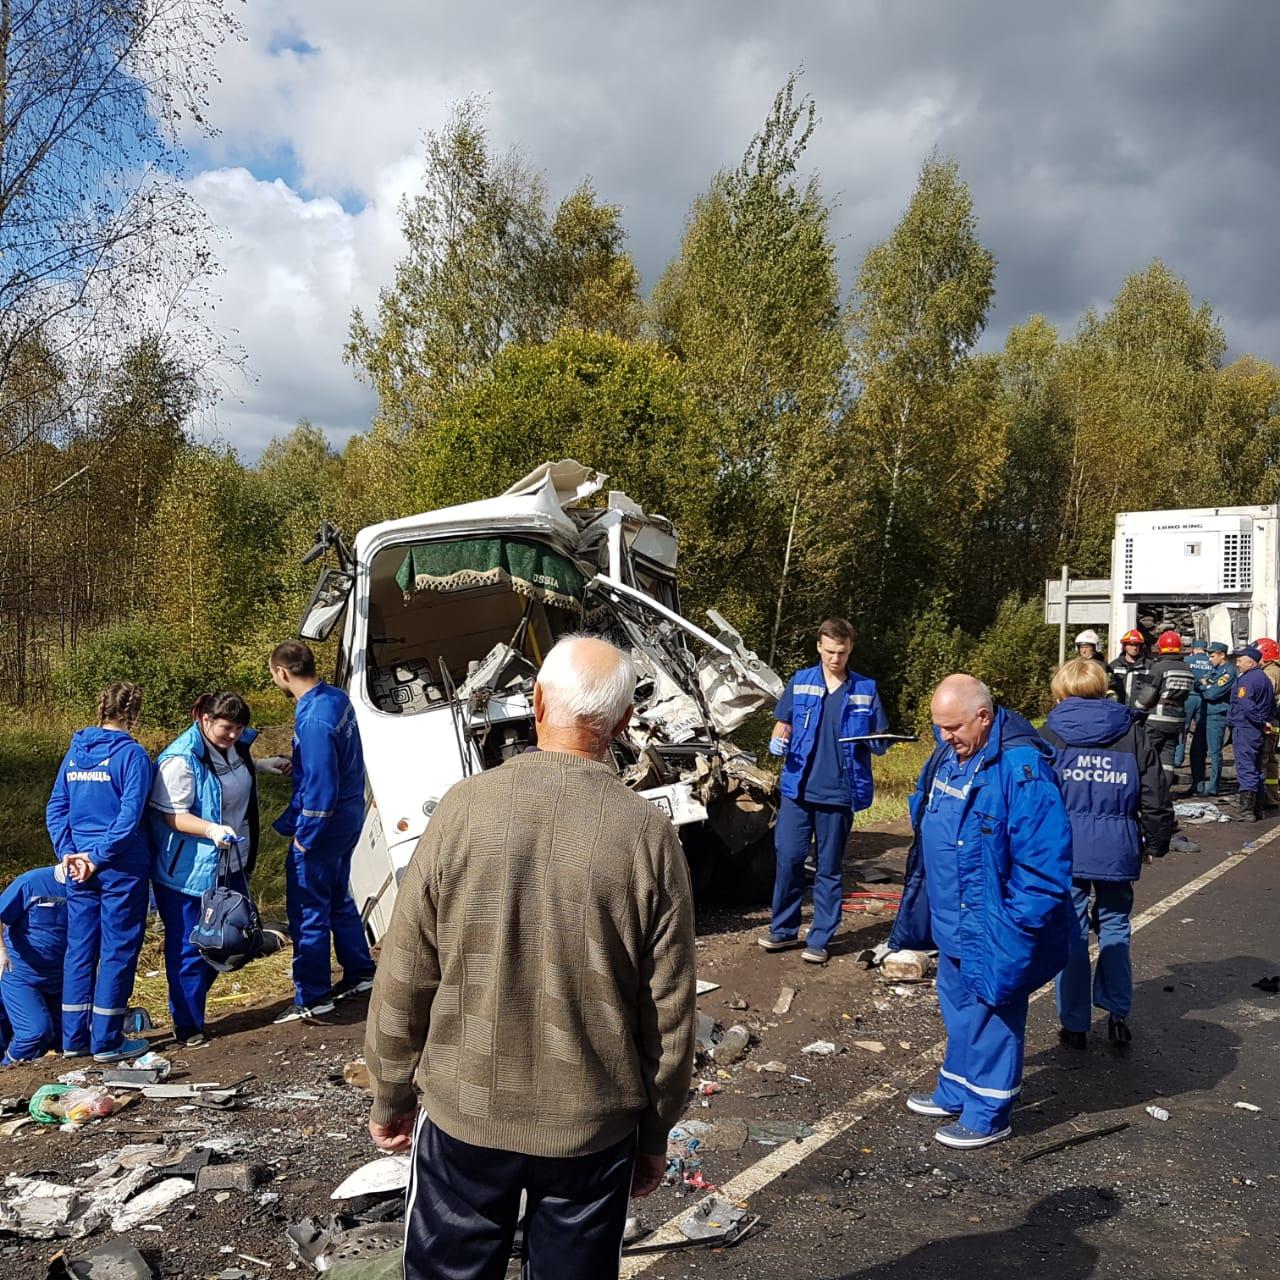 Опознаны оба погибших водителя в жутком ДТП с автобусом и фурой в Ярославской области